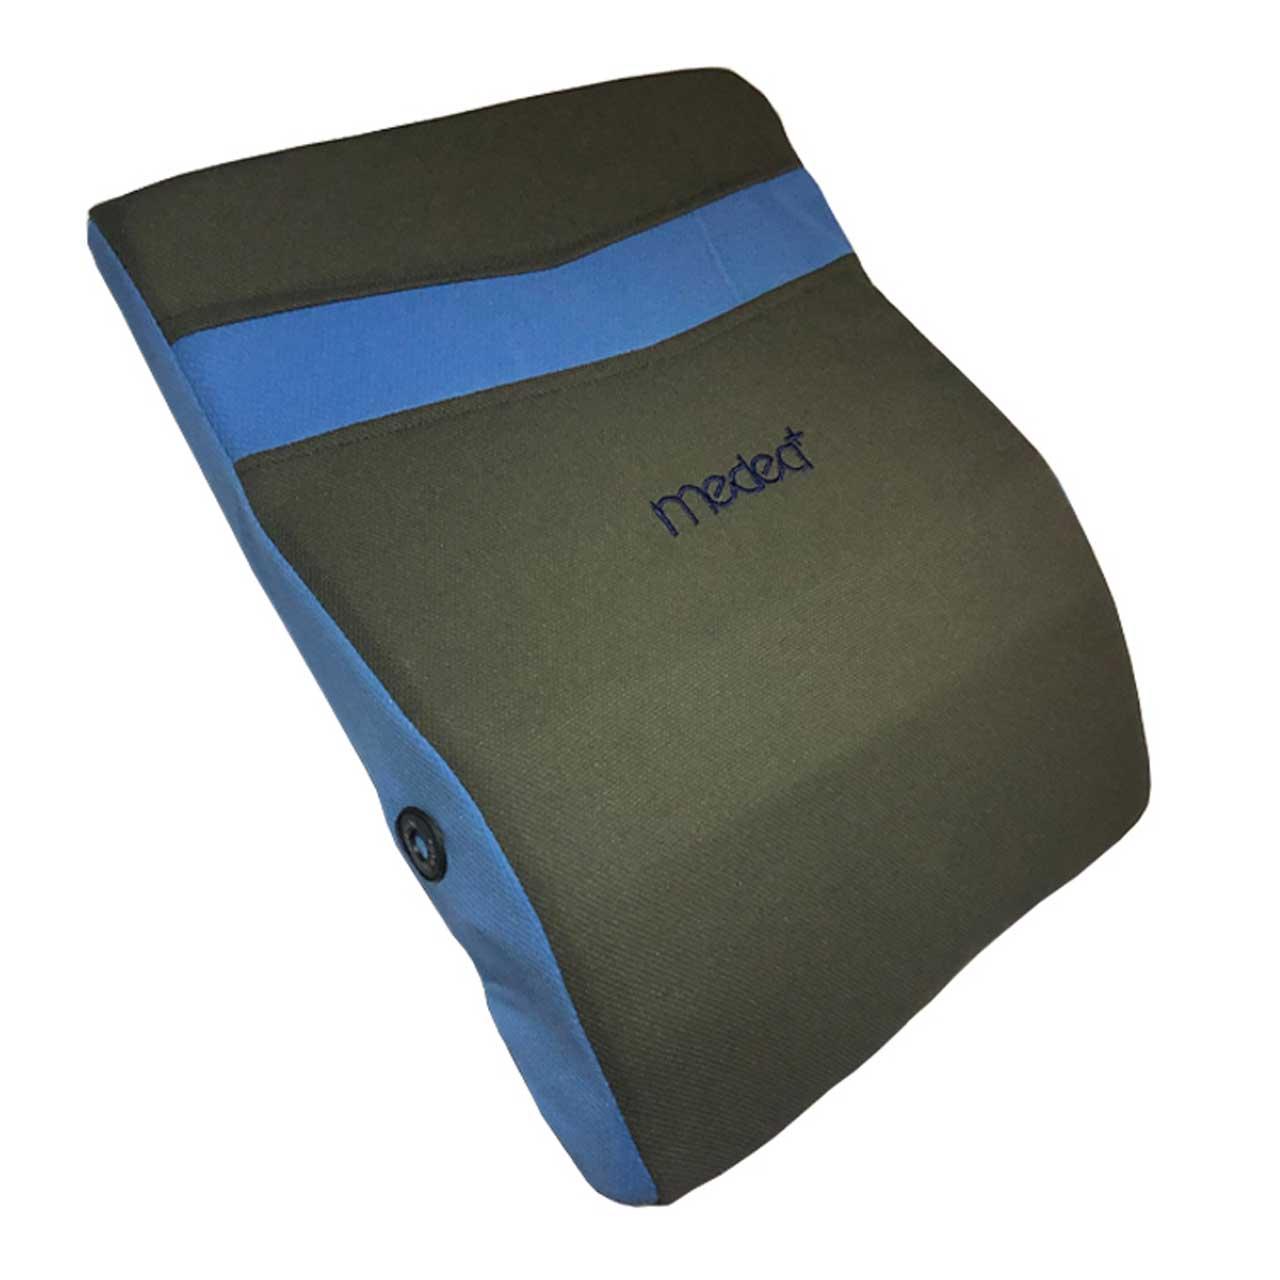 پشت کمری طبی مدیا پلاس مدل NT450